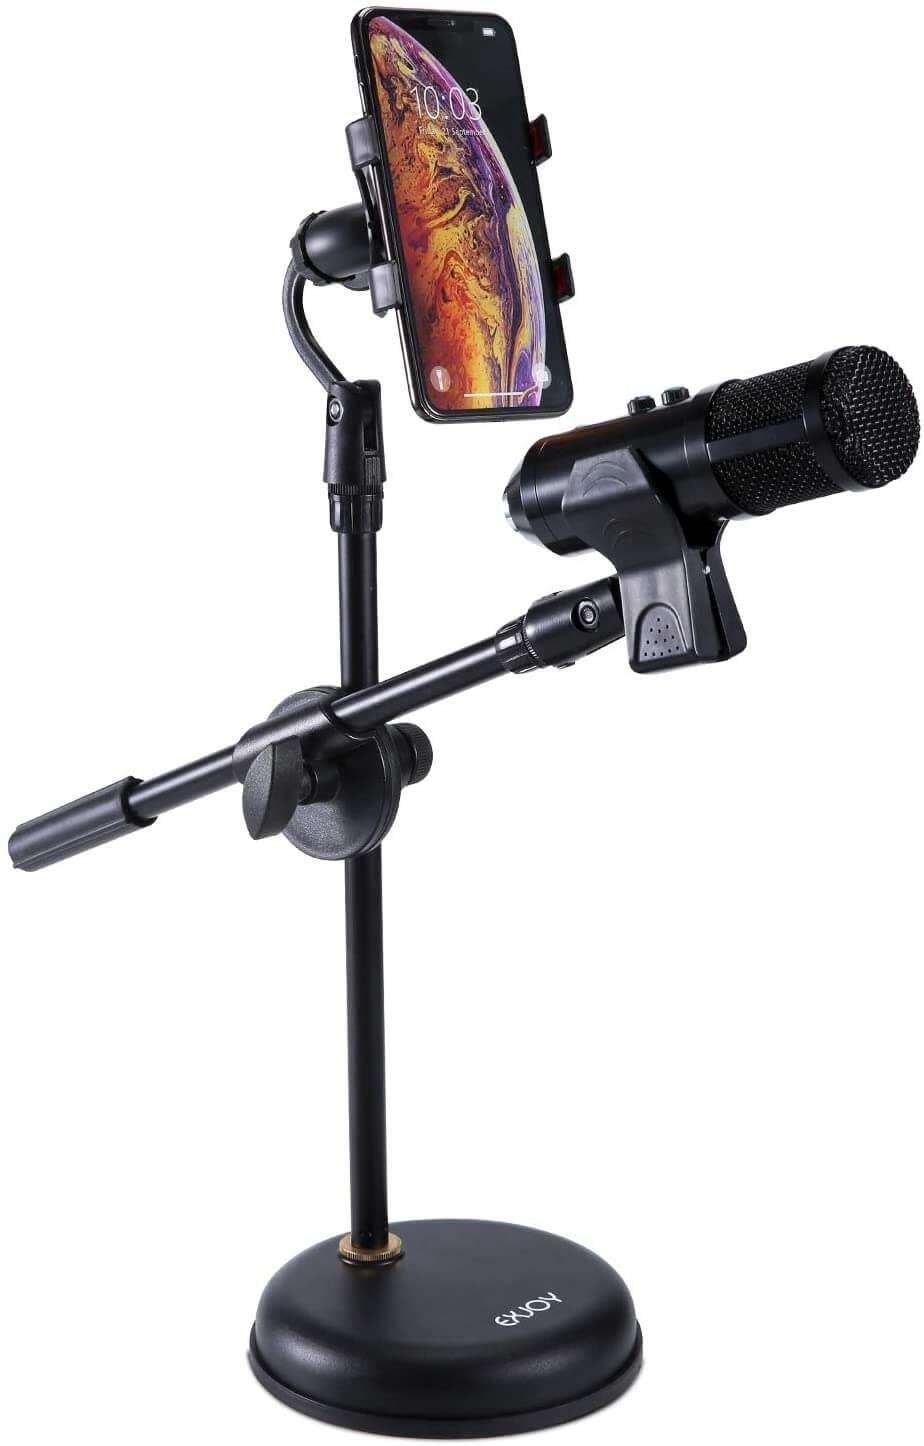 supporto microfono da tavolo Exjoy